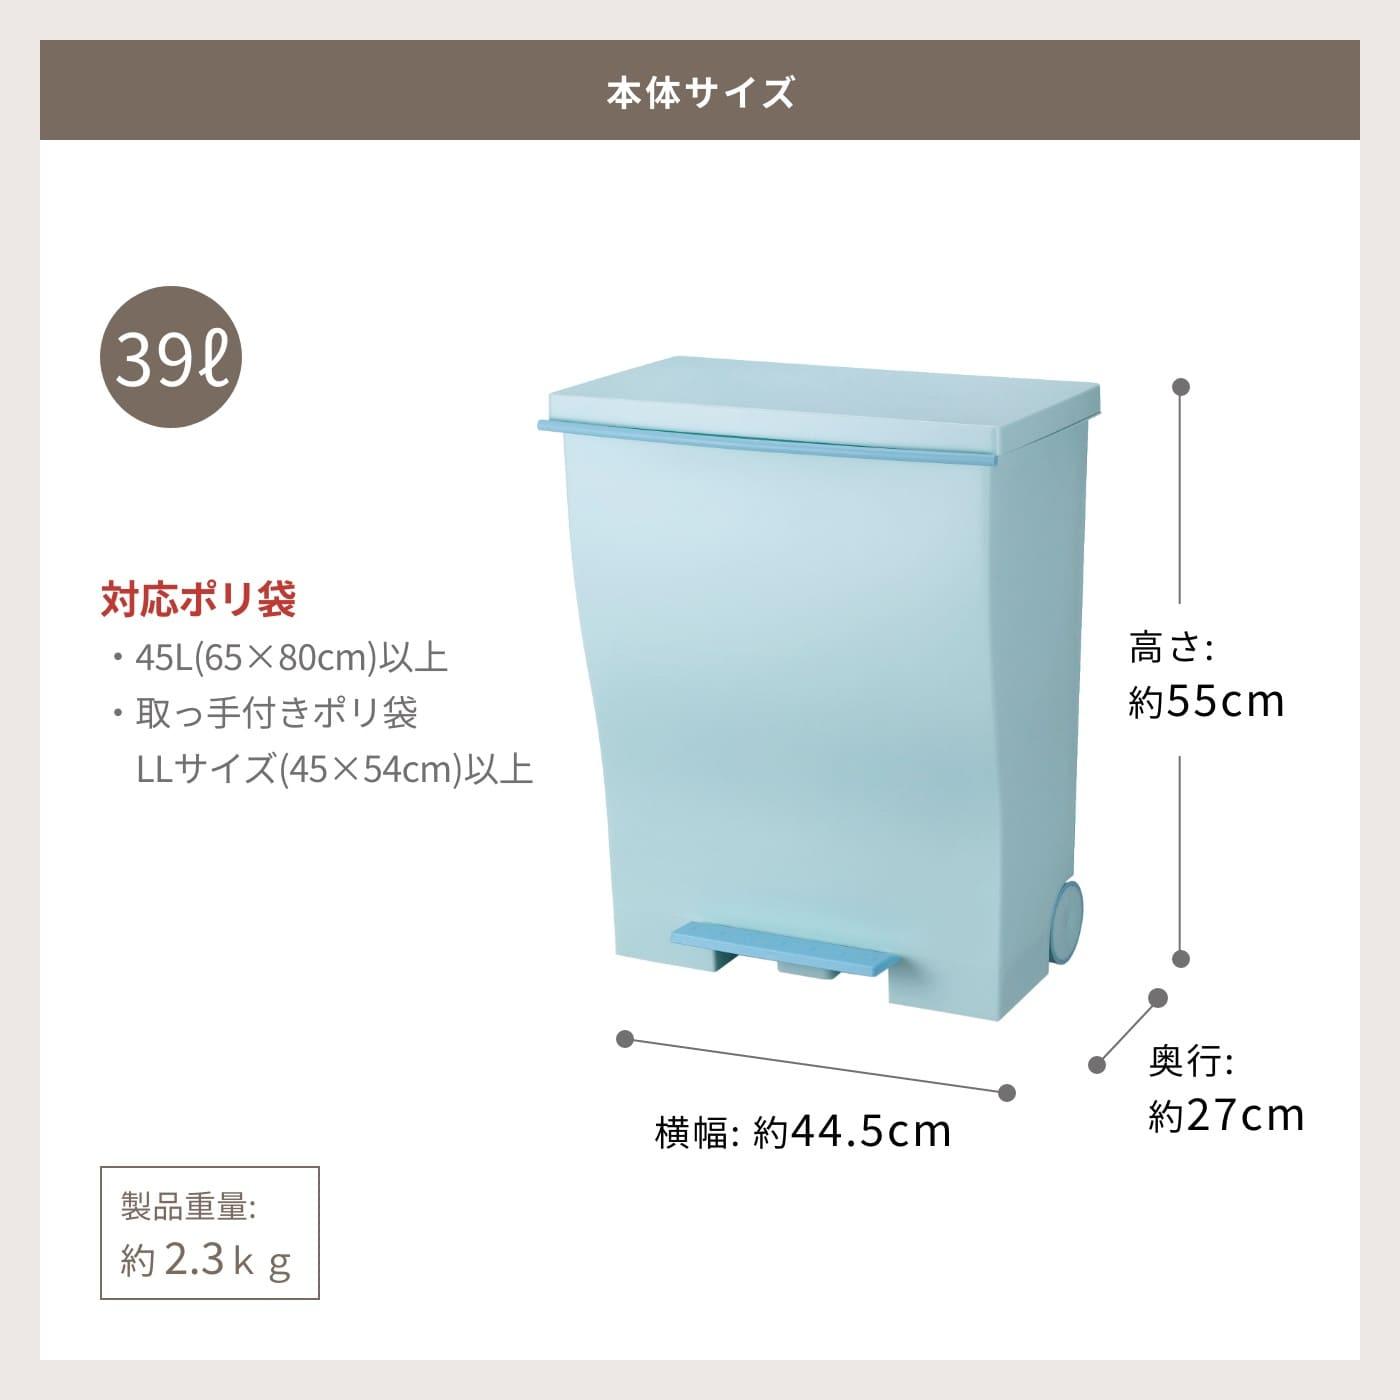 本体サイズ 39L 高さ約55cm 横幅約44.5cm 奥行約27cm